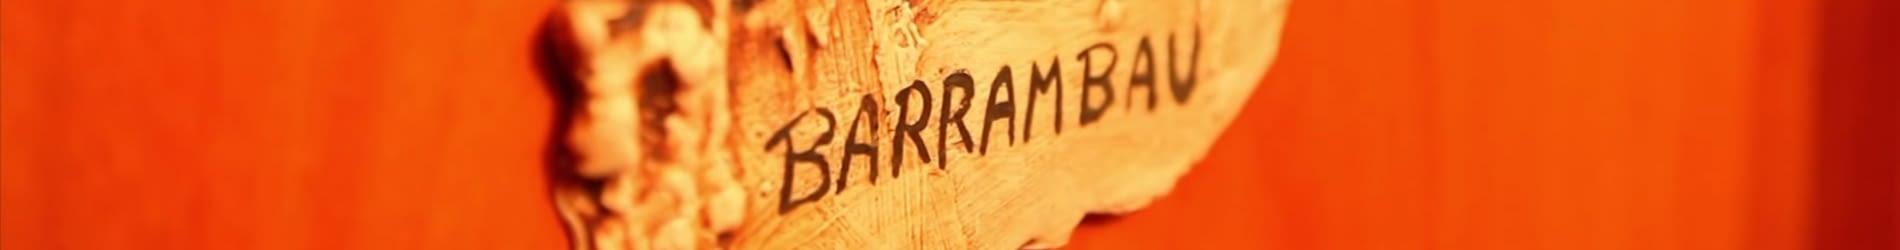 Barrambau